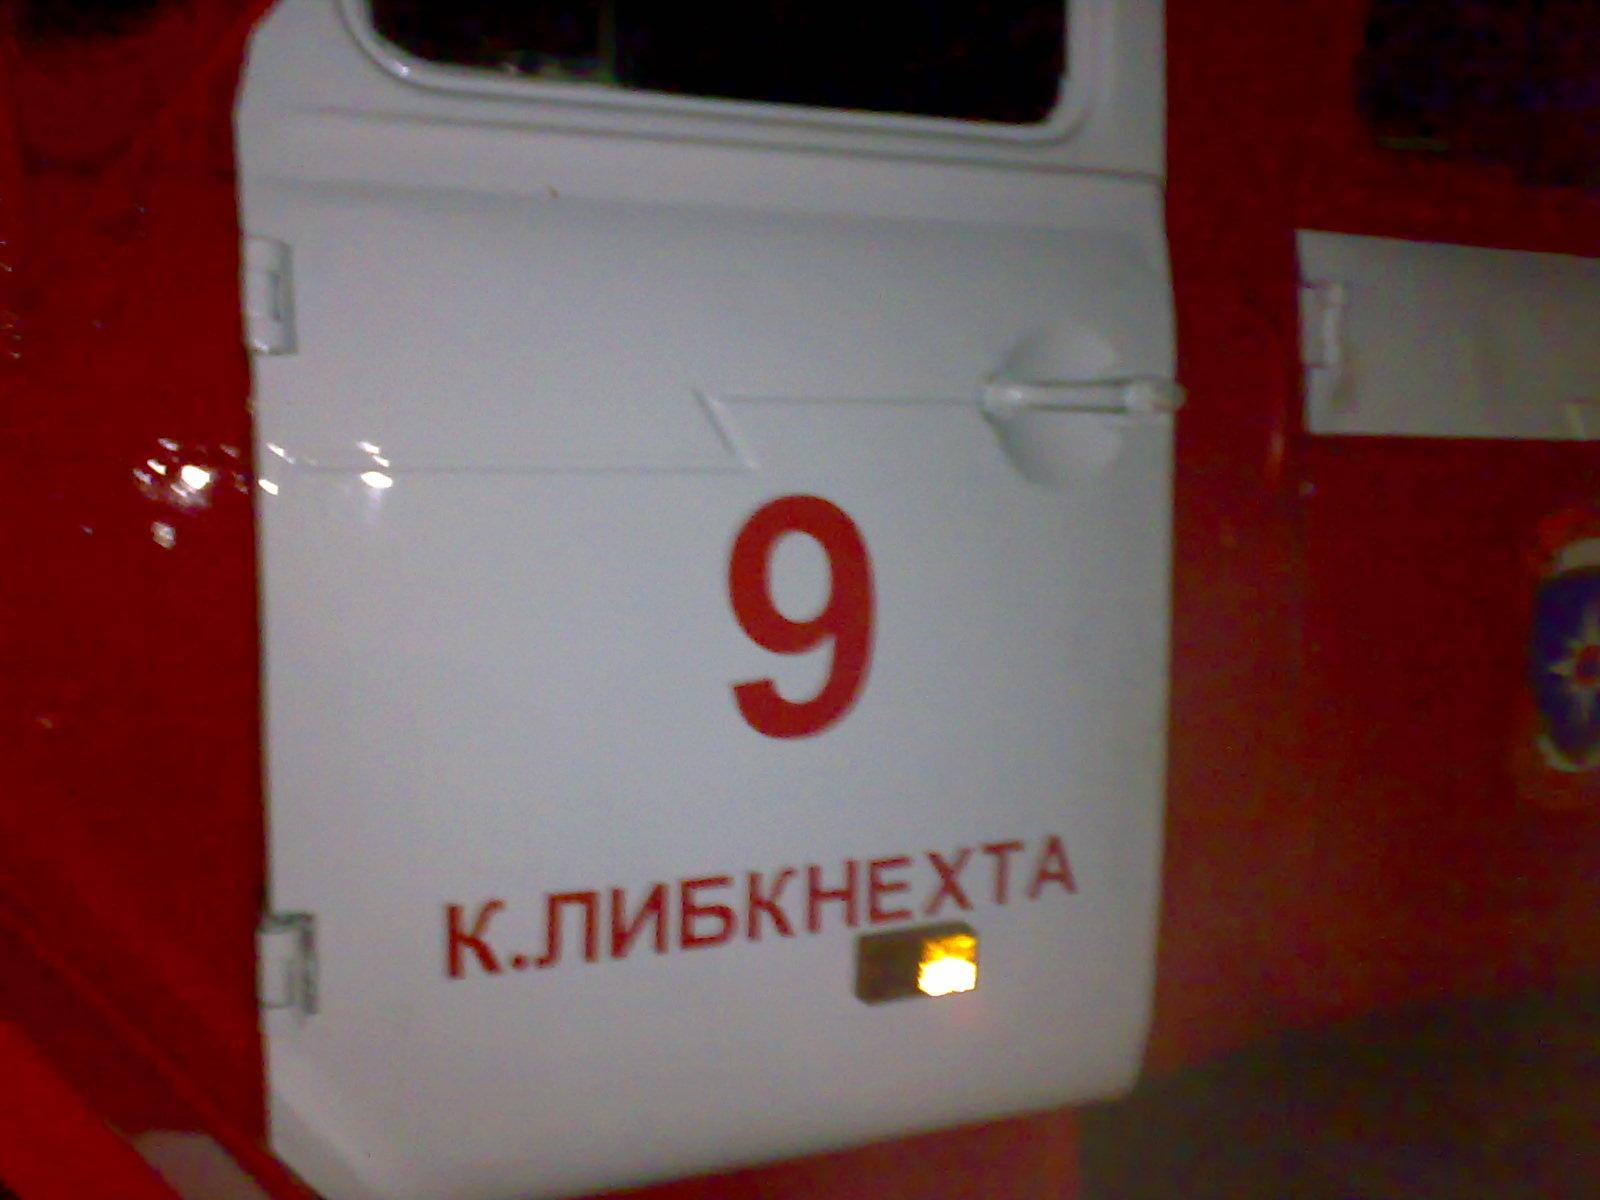 Пожар в д. Жмакина в Курчатовском районе